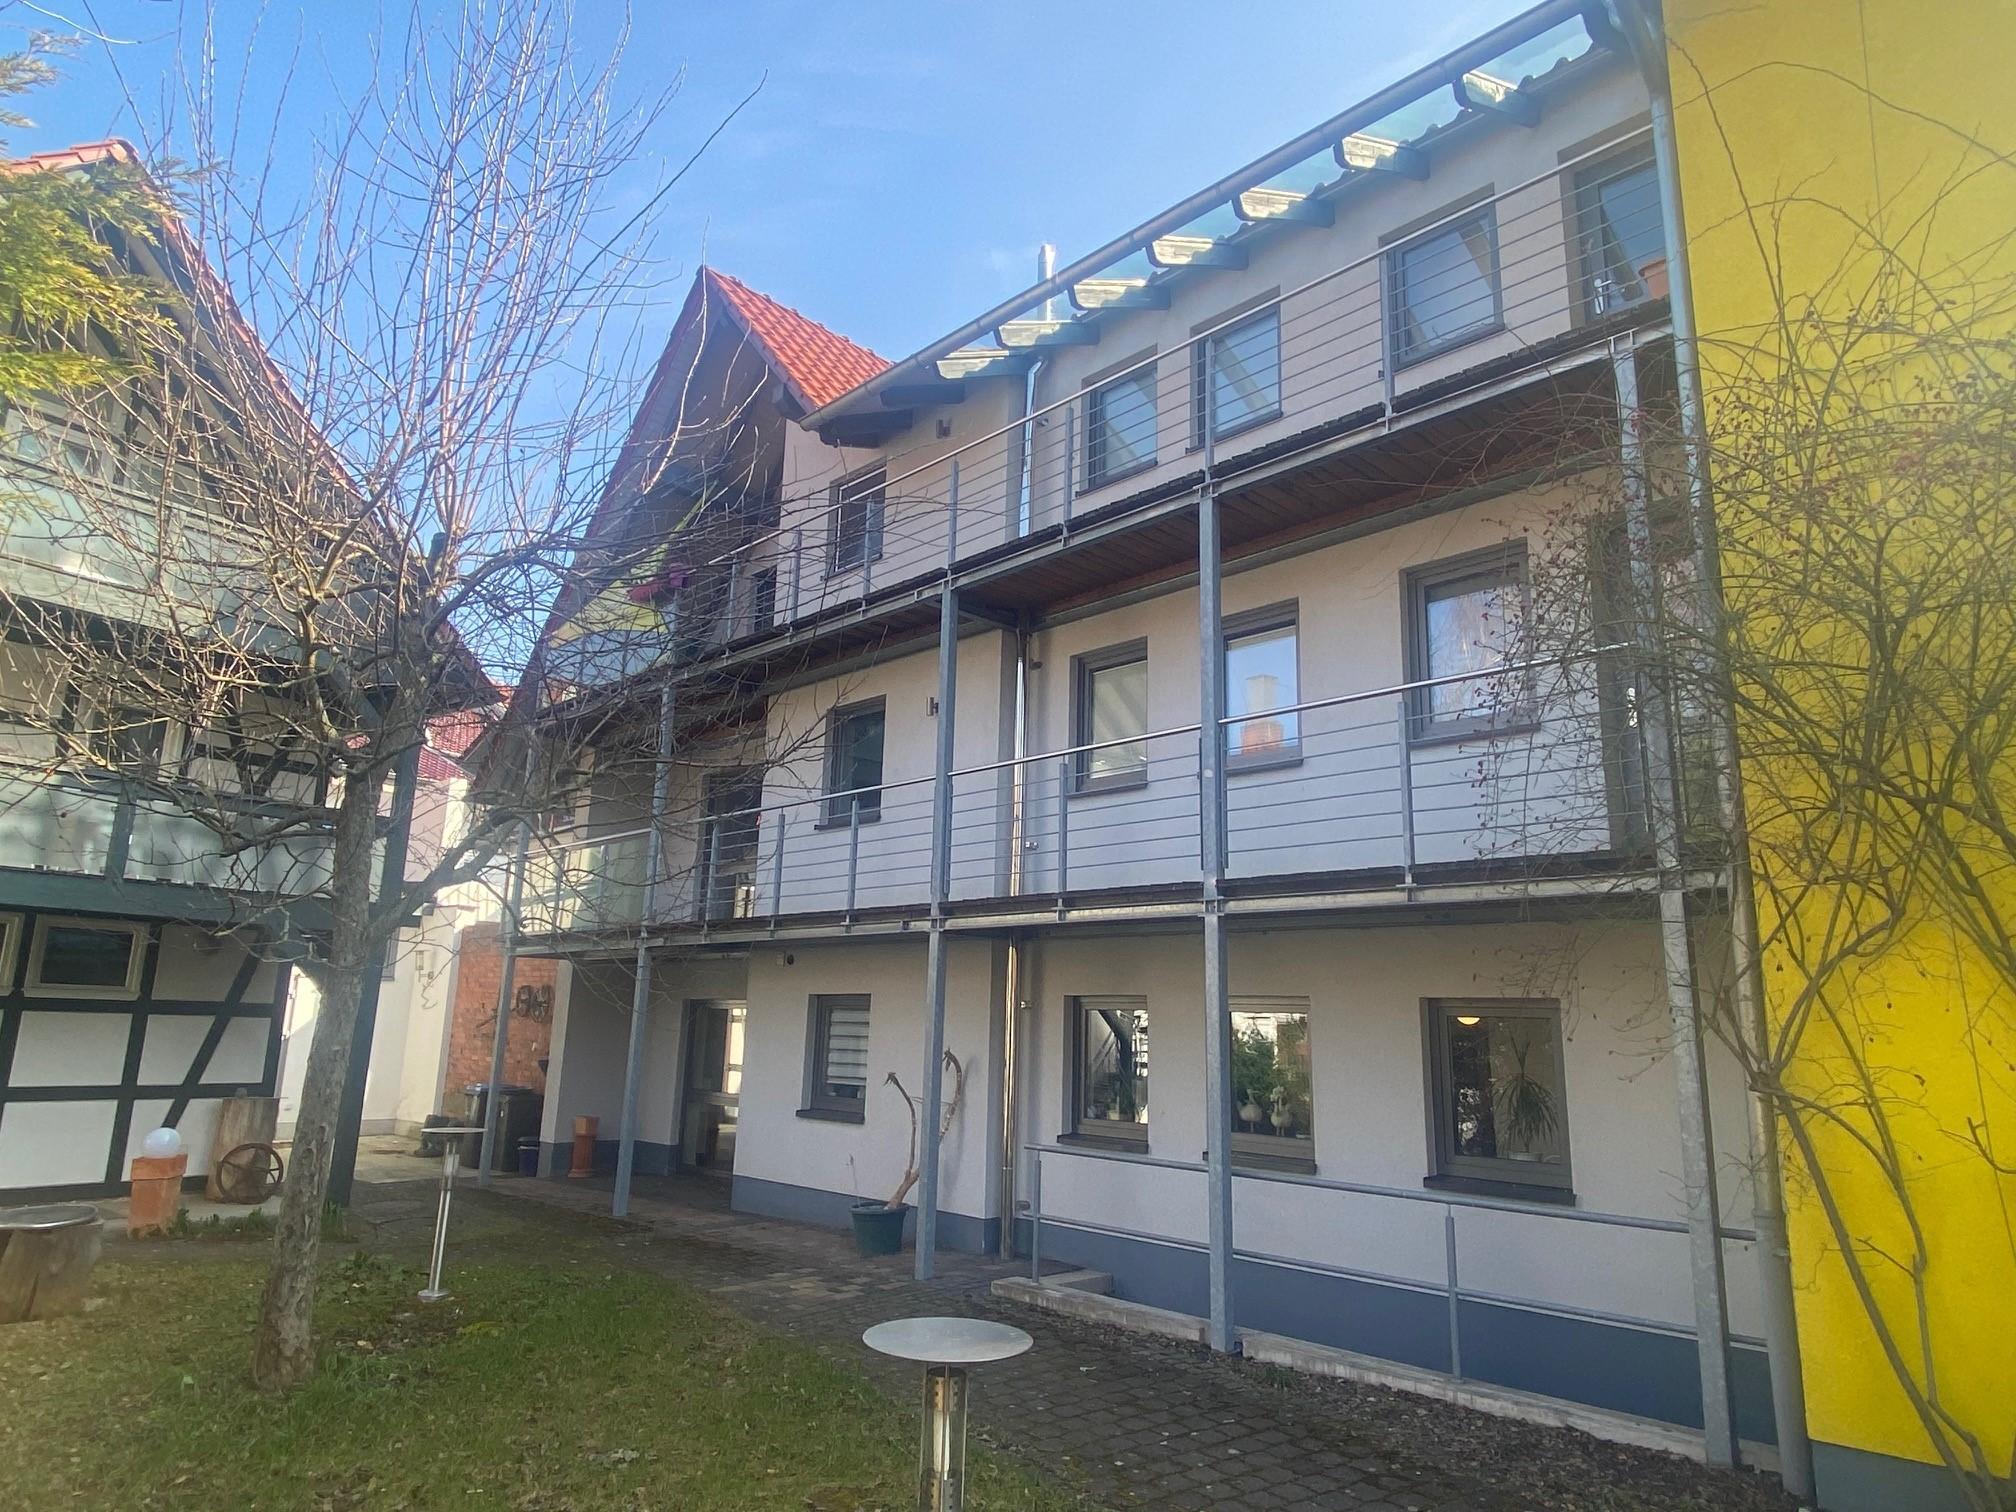 Schöne 2-Zimmer Wohnung im Herzen von Heiligenstadt zu vermieten